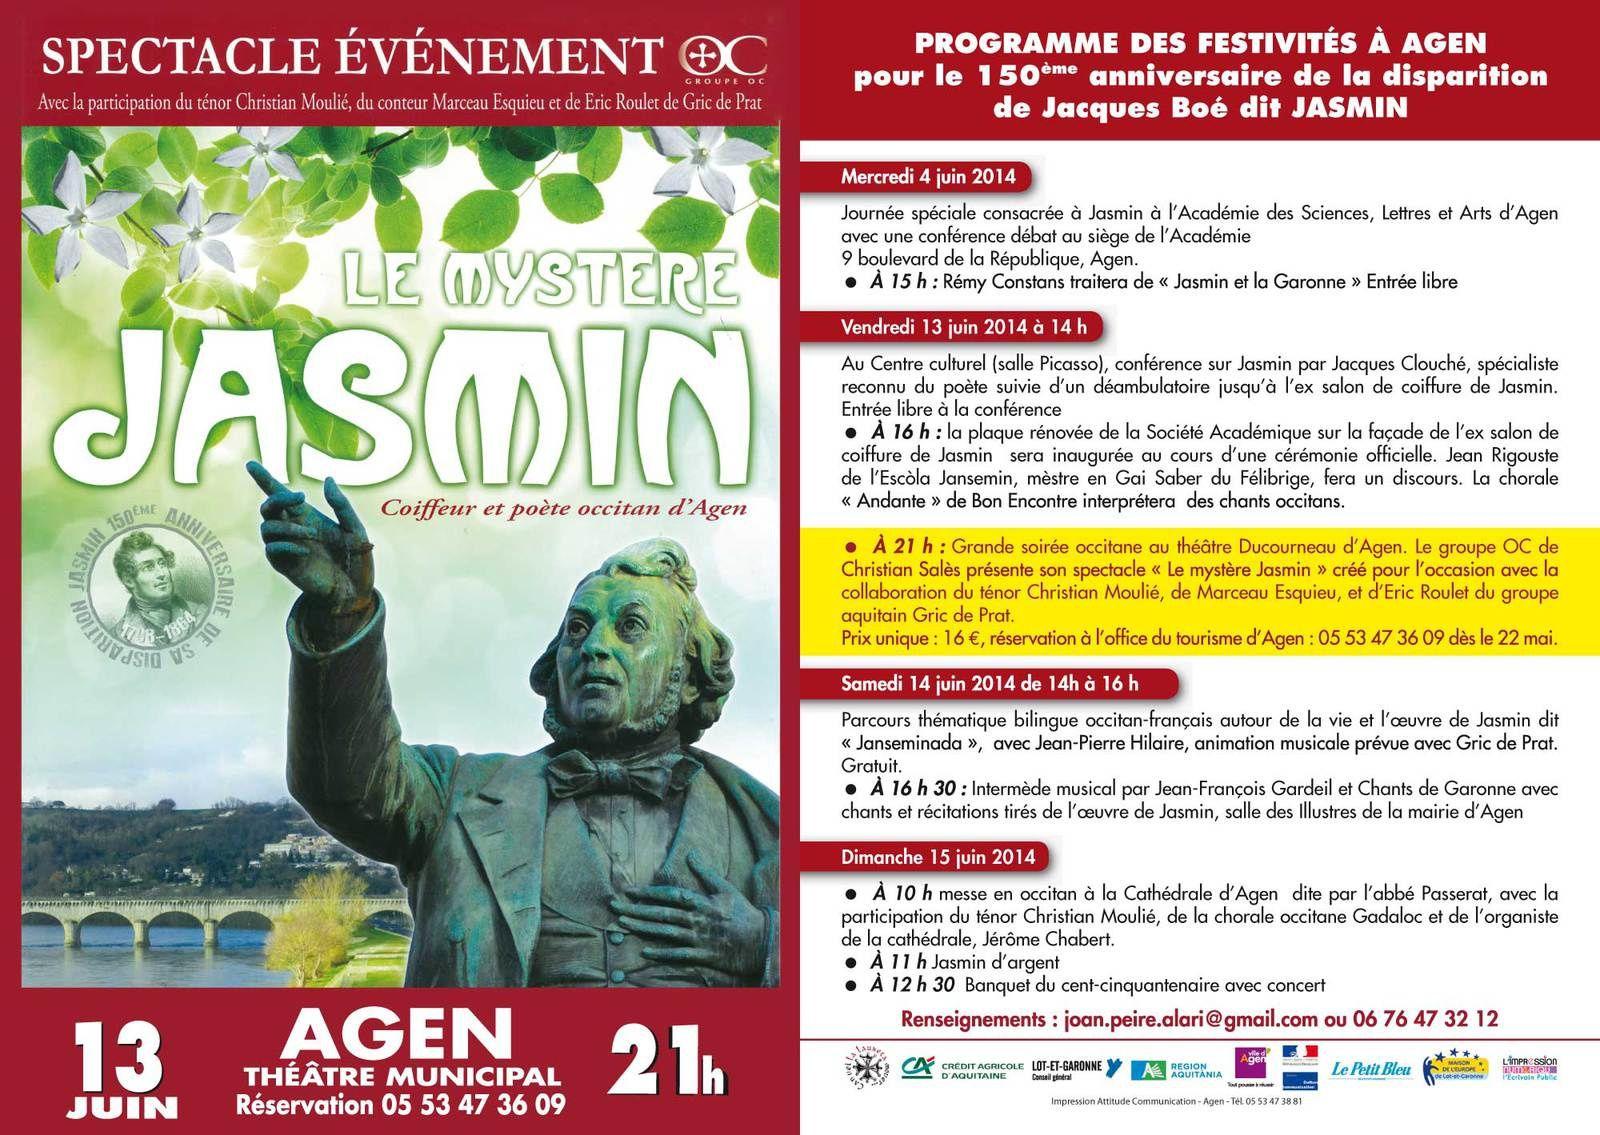 Jasmin, le flyer définitif qui sera distribué sur la ville d'Agen et ses environs.